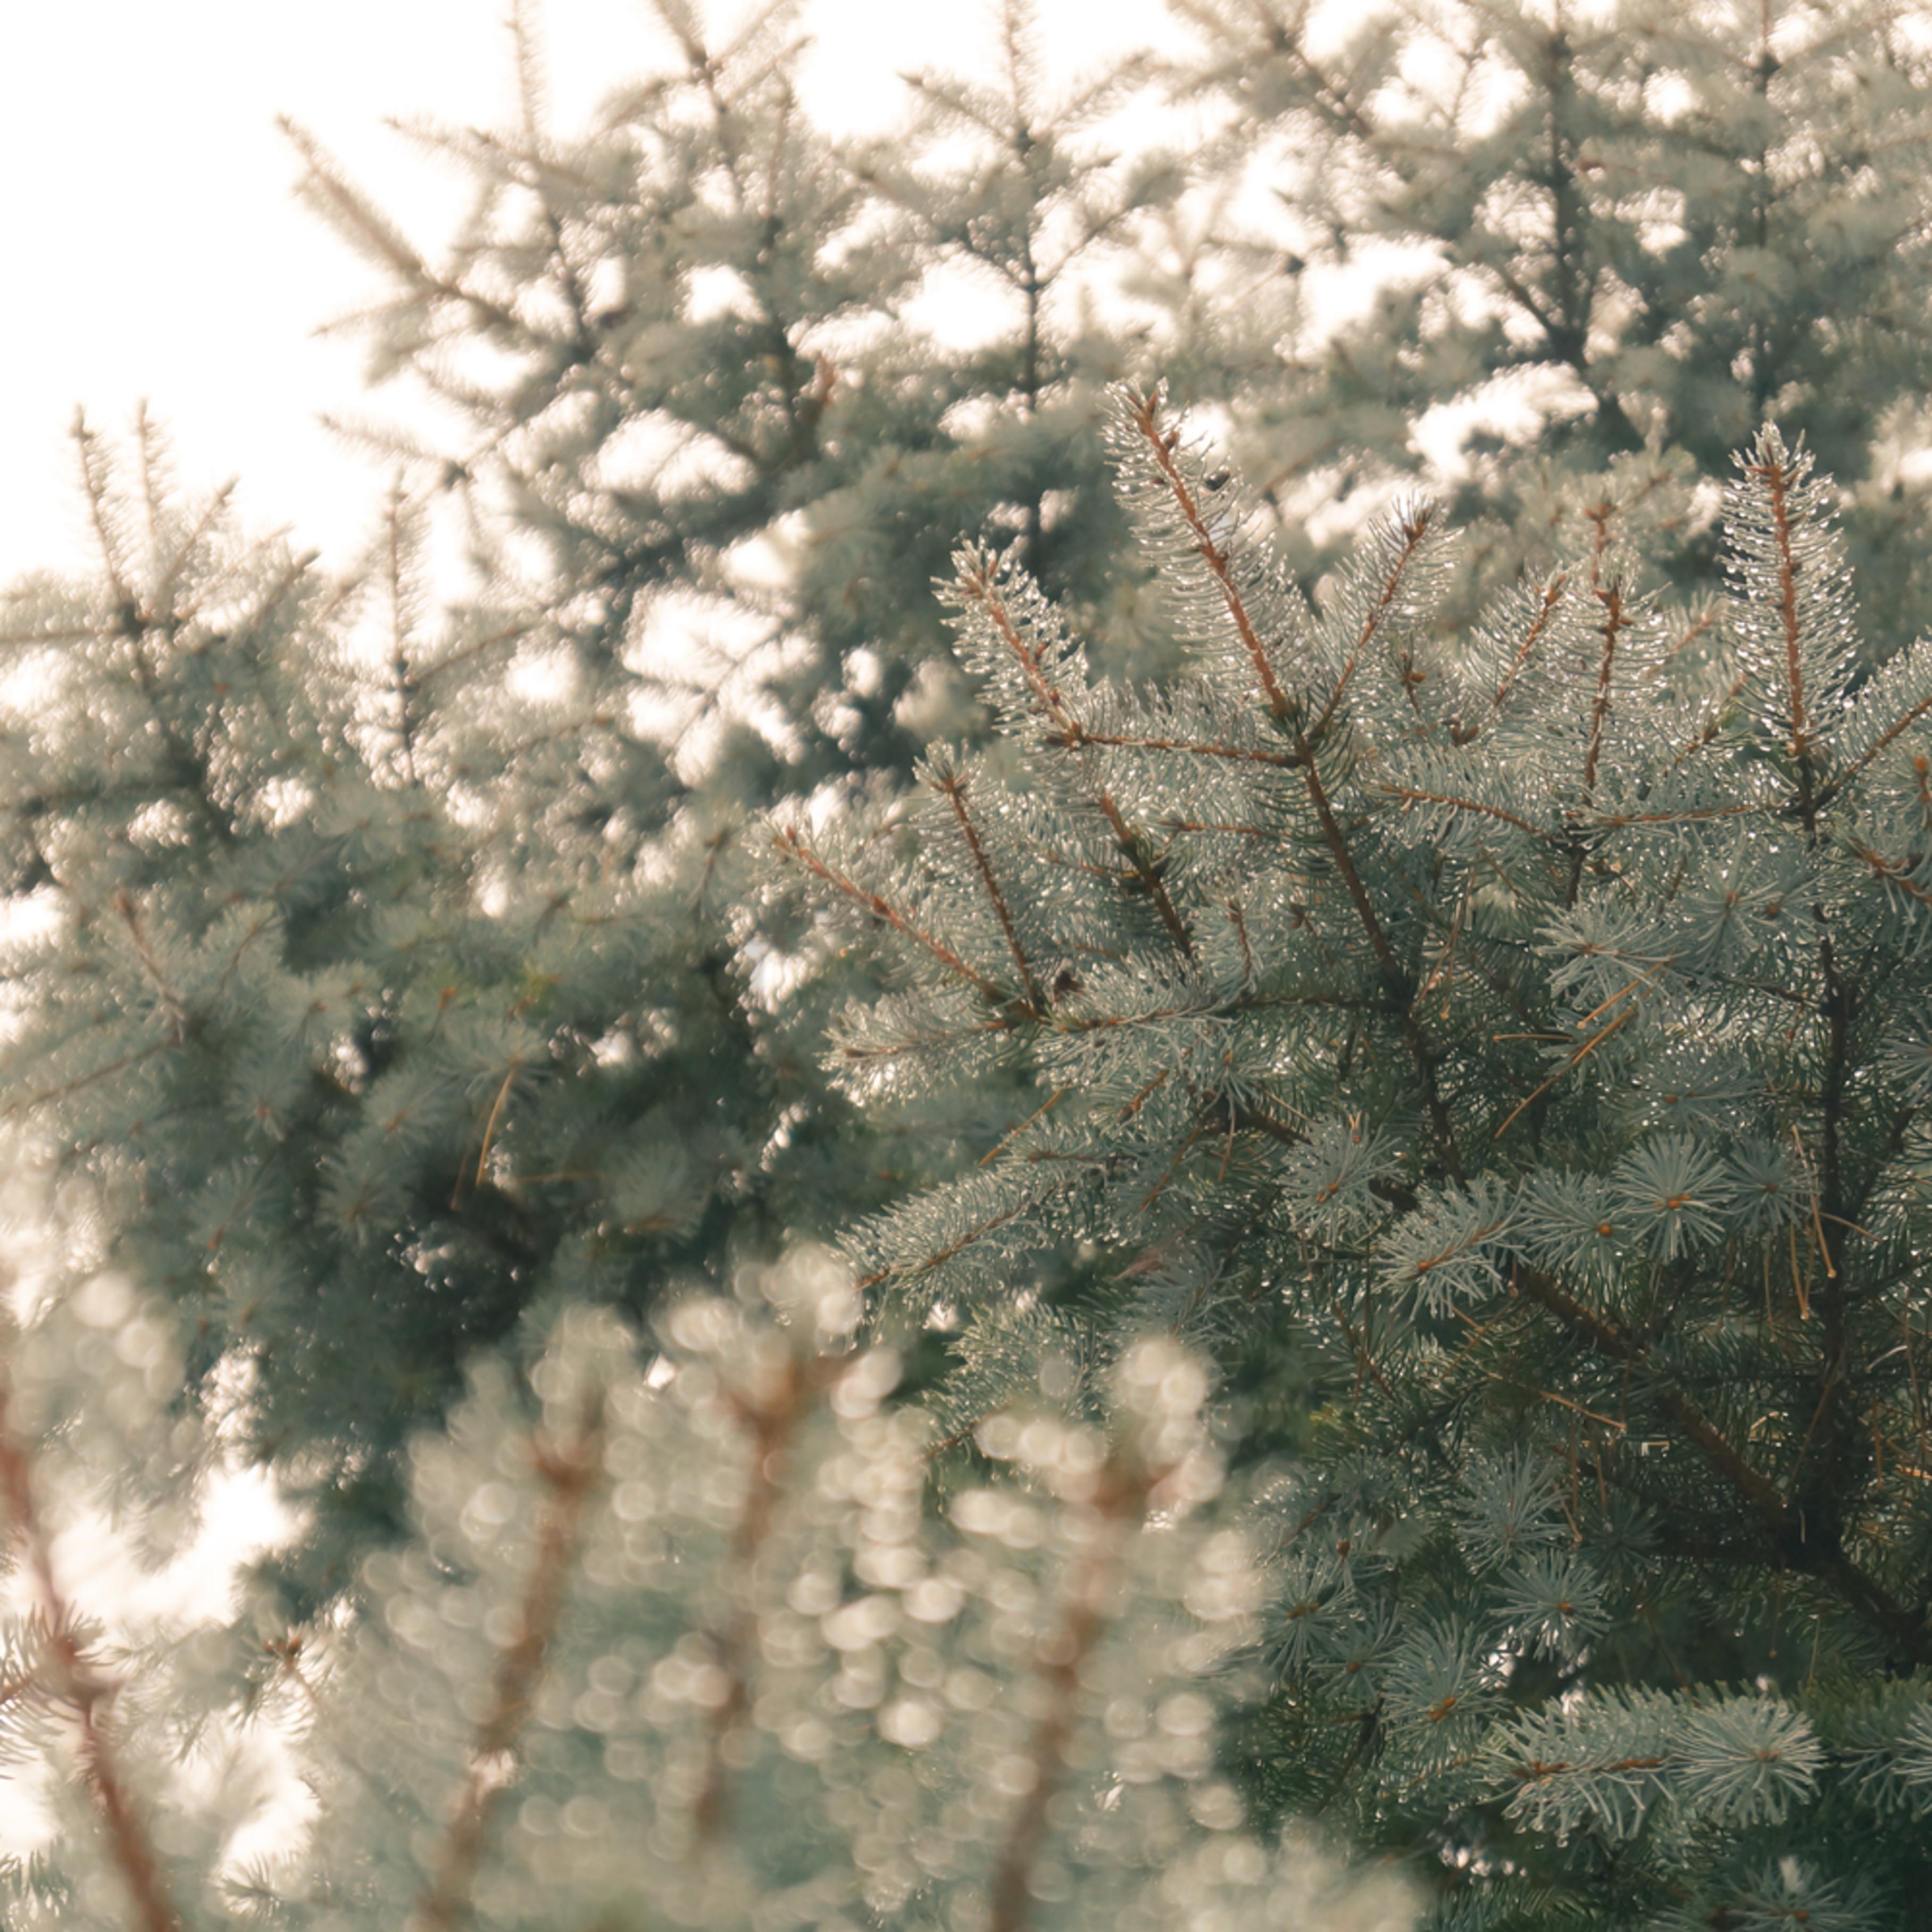 Blue spruce in the fog ziujp4